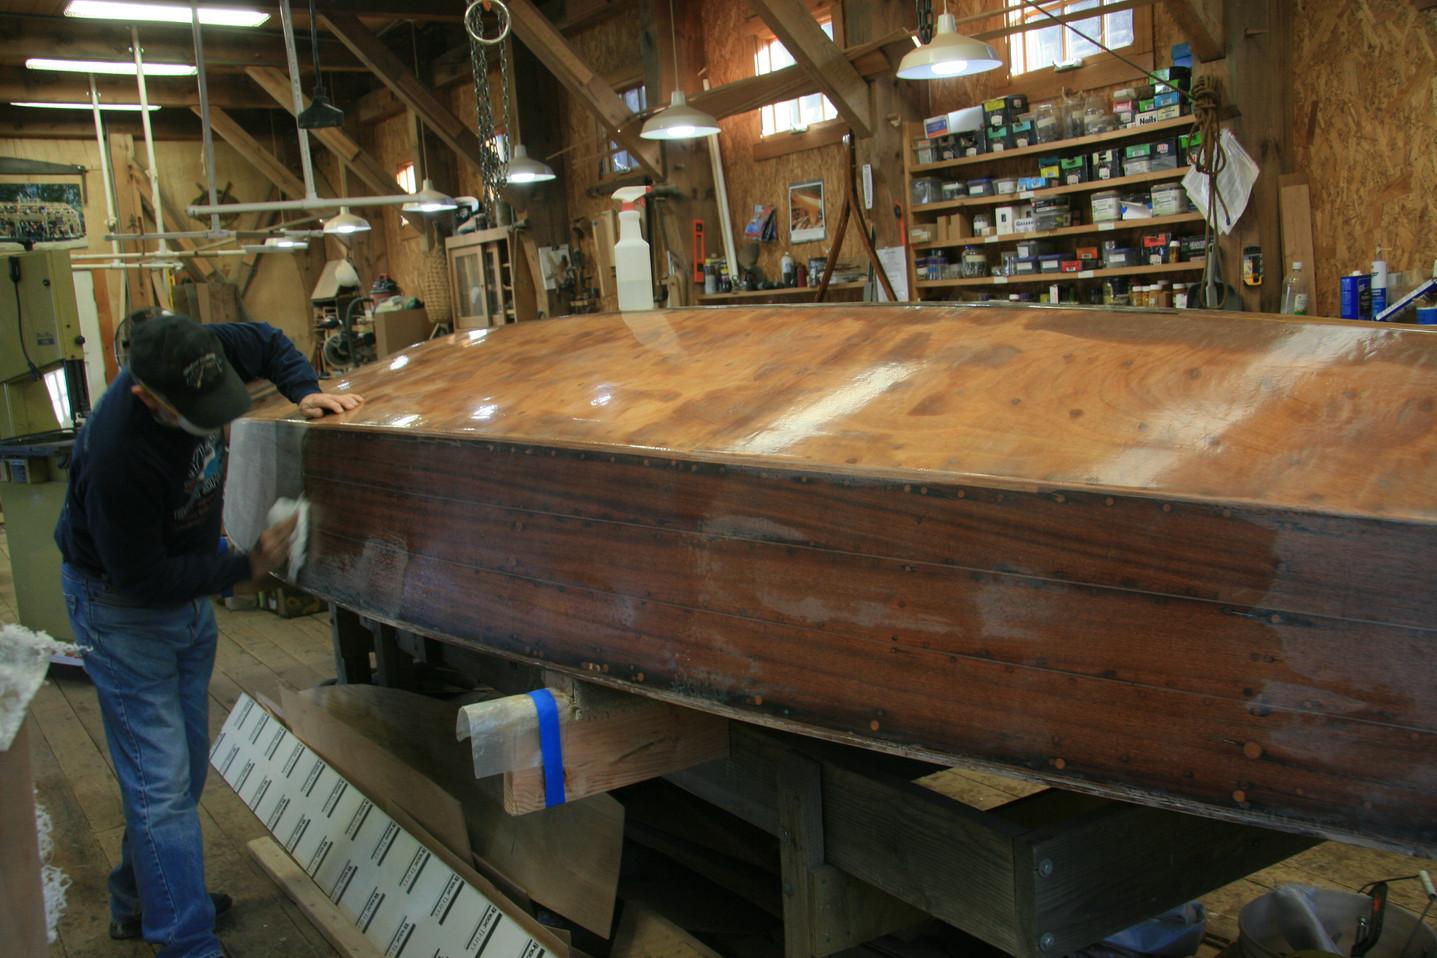 Hull fiberglassing complete. prepping for bottom paint.